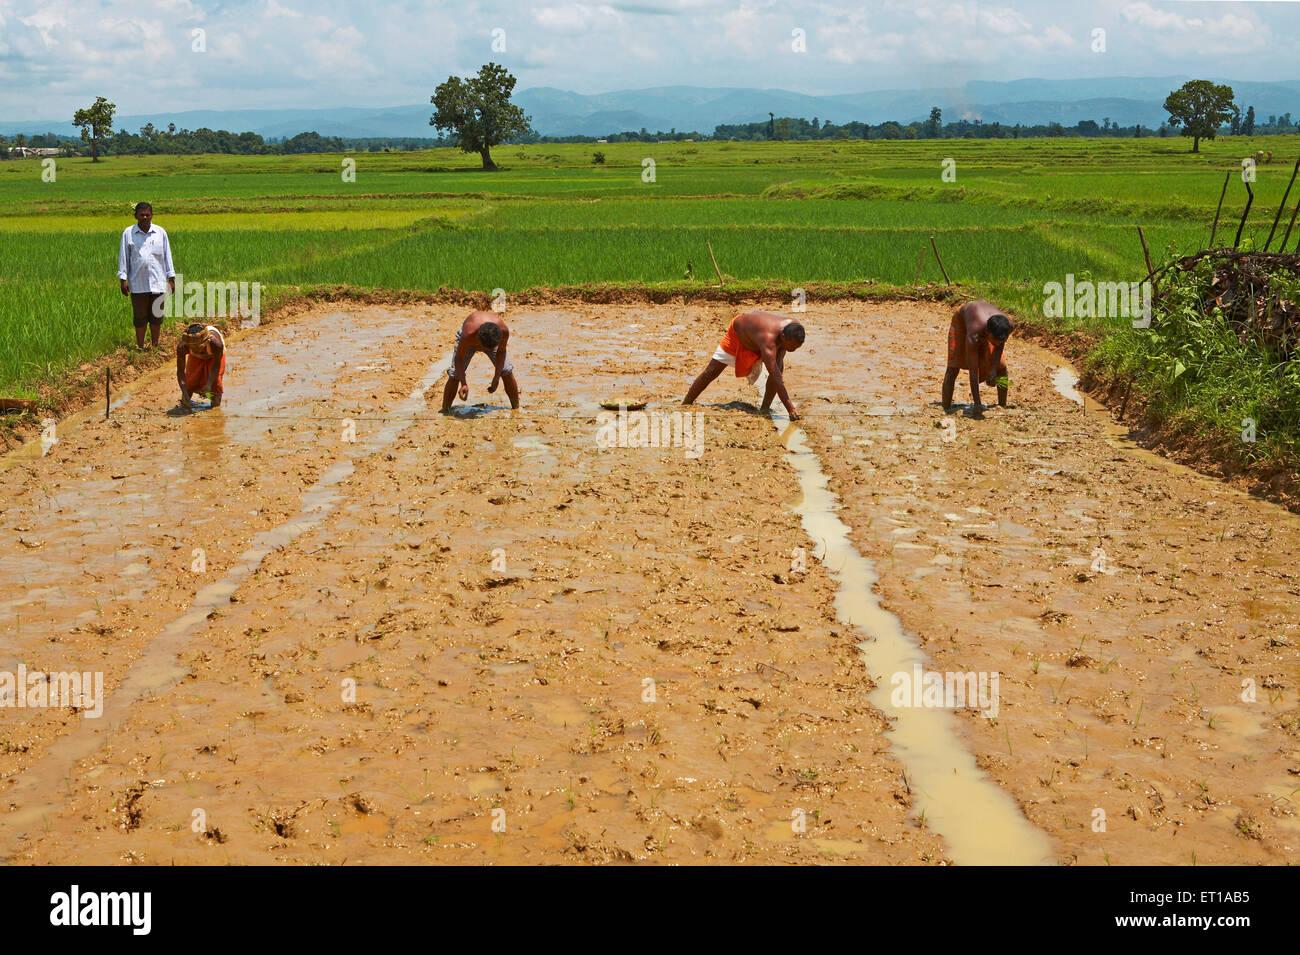 A sperimentare con la nuova tecnica di riso piantagione iniziativa avviata da ONG Organizzazione Chinmaya delle Immagini Stock